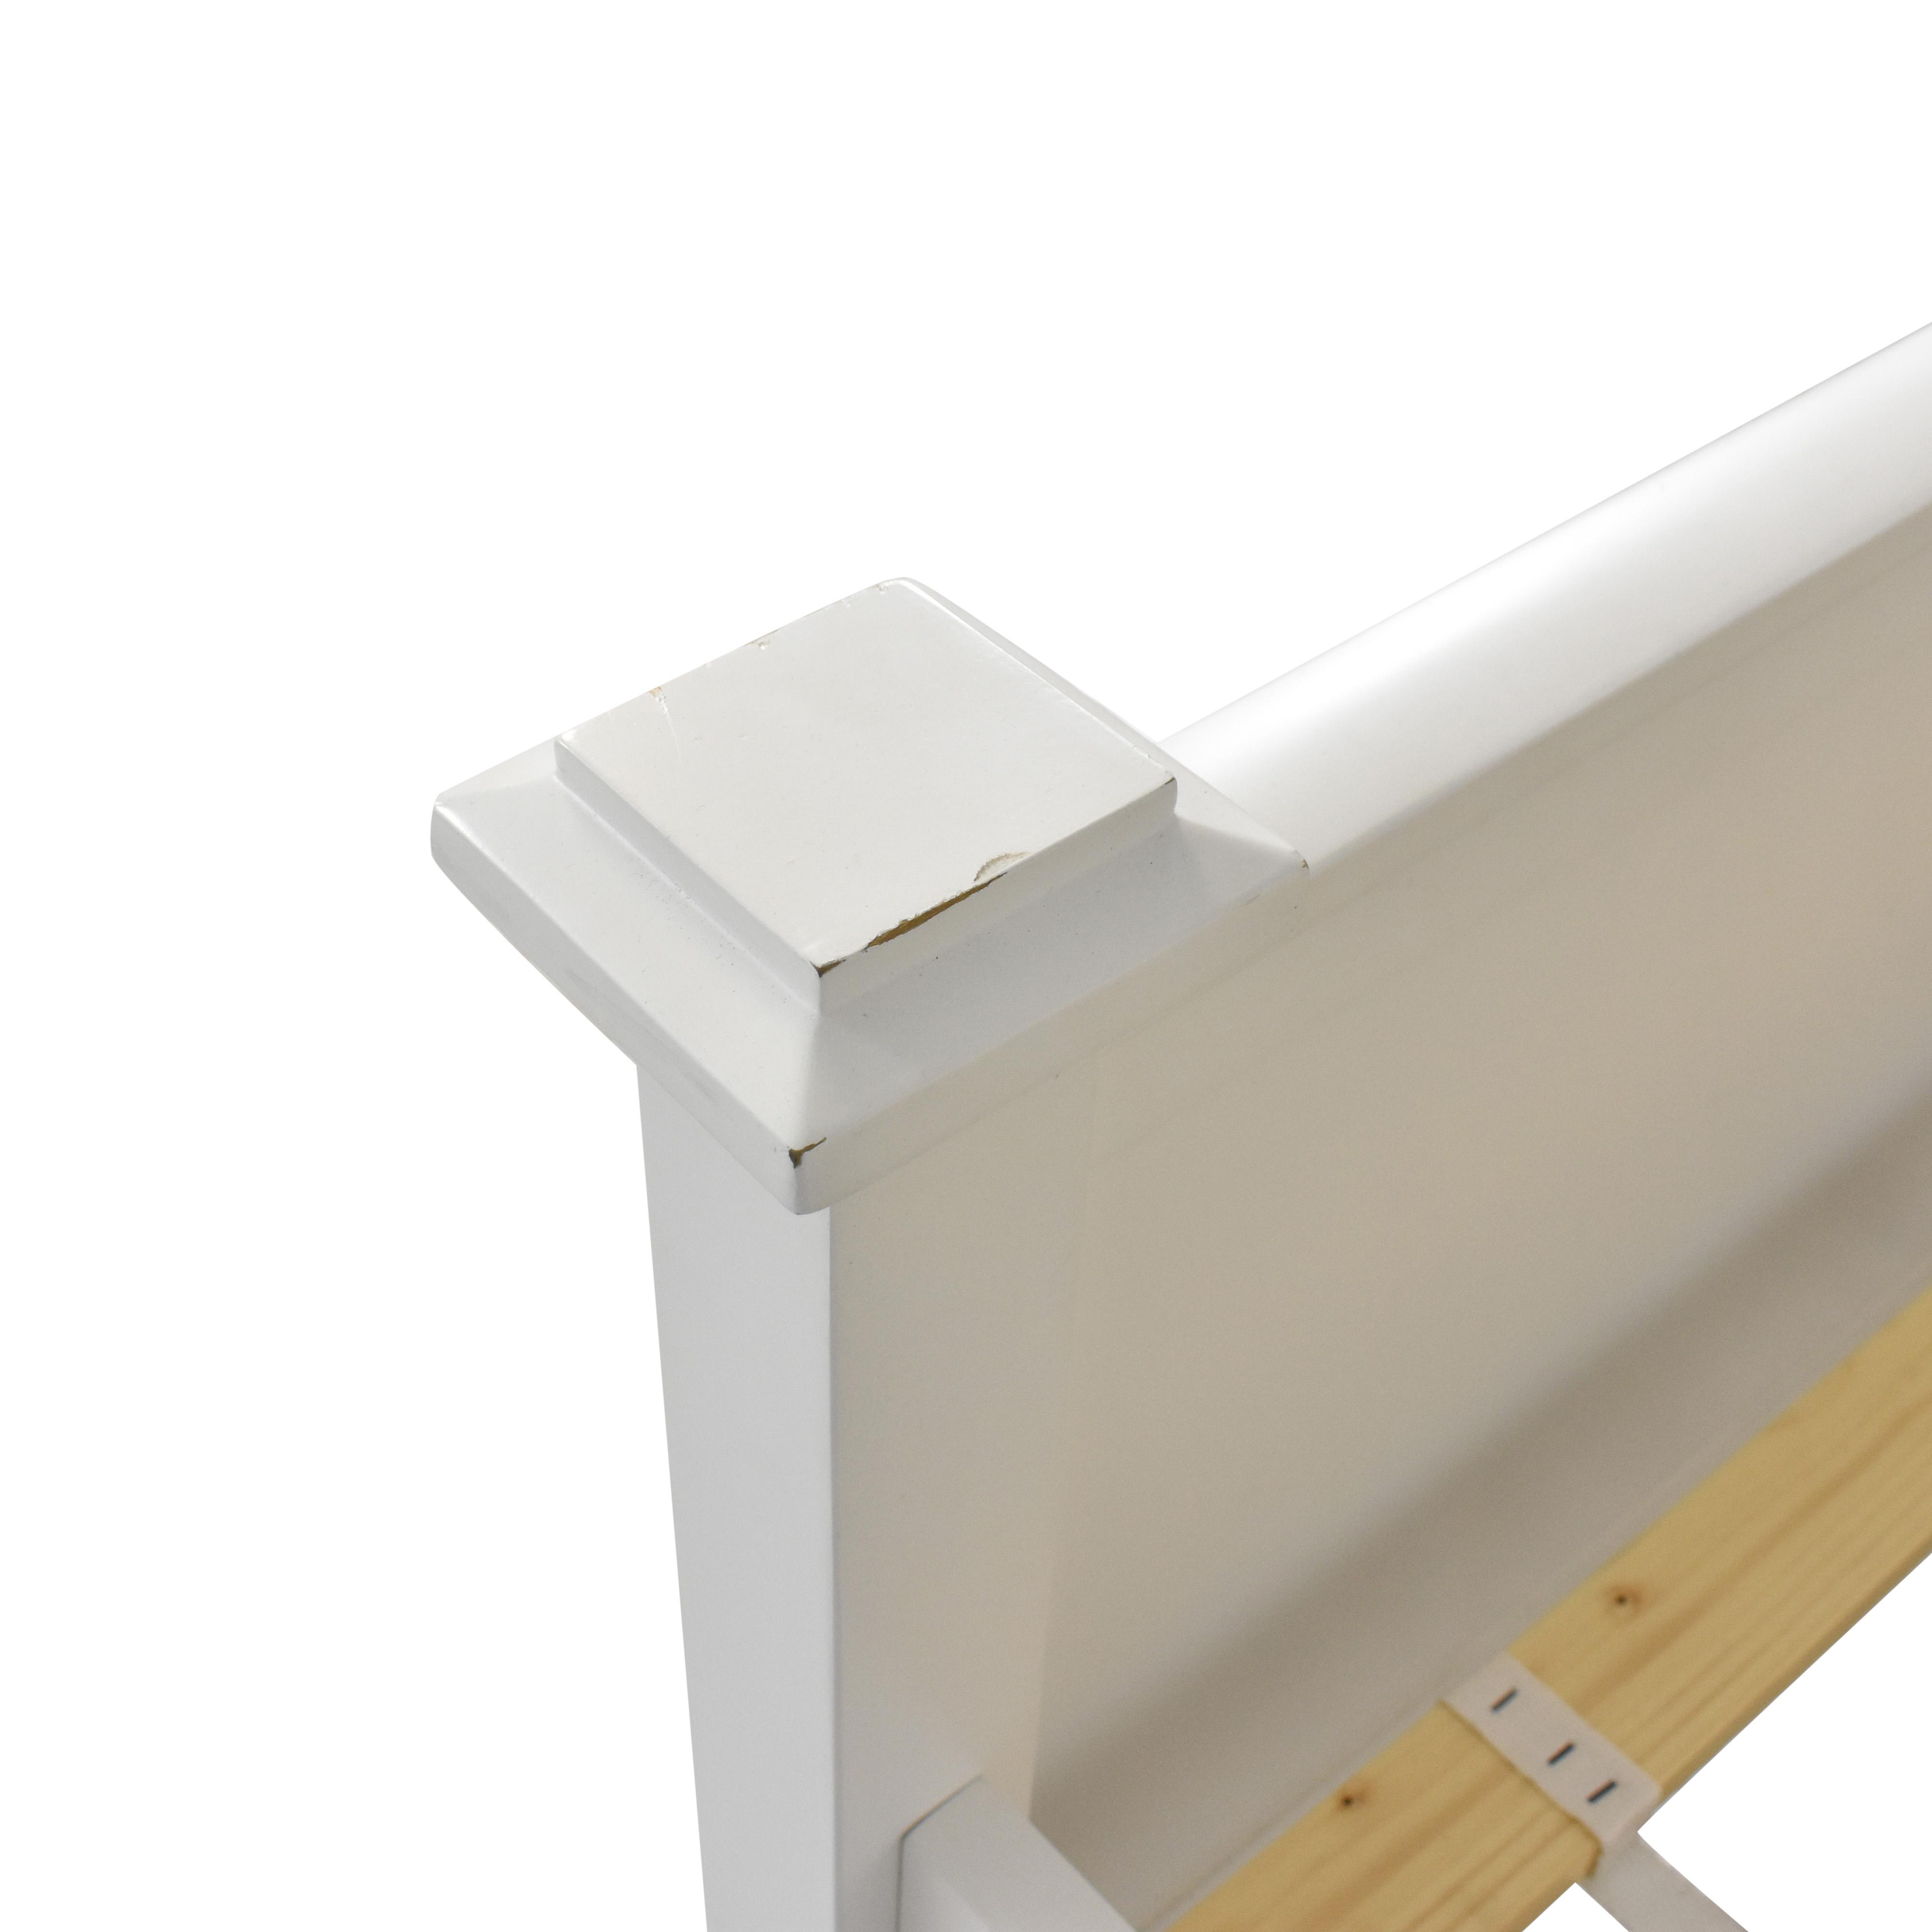 shop Crate & Barrel Full Bed Frame Crate & Barrel Bed Frames